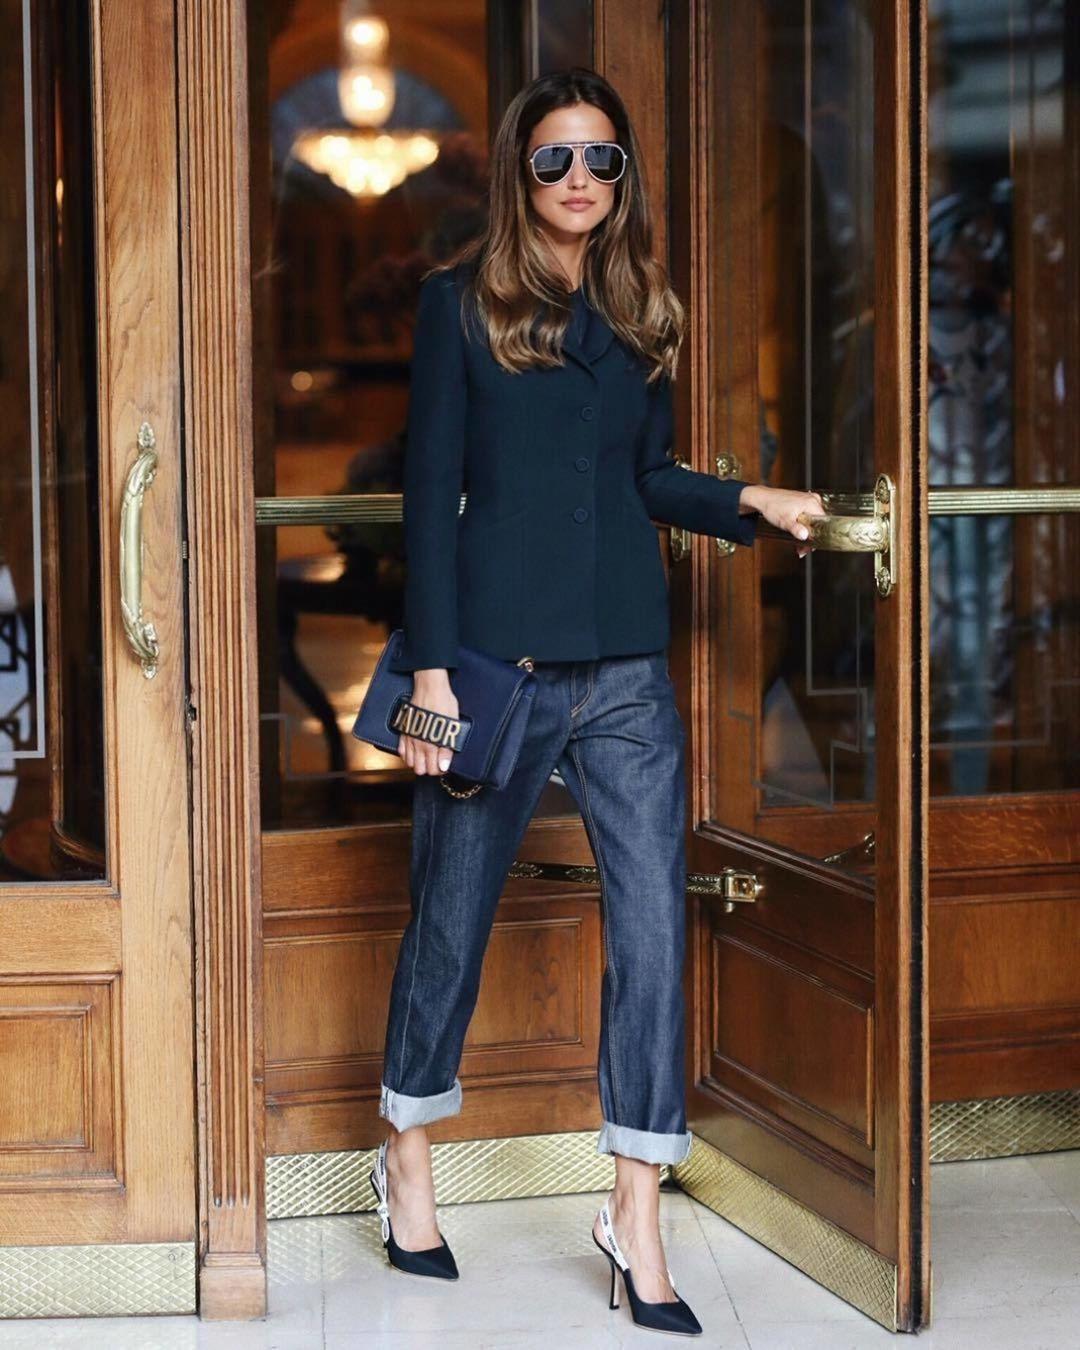 Широкие джинсы идеально подойдут для создания образов в стиле городской шик.